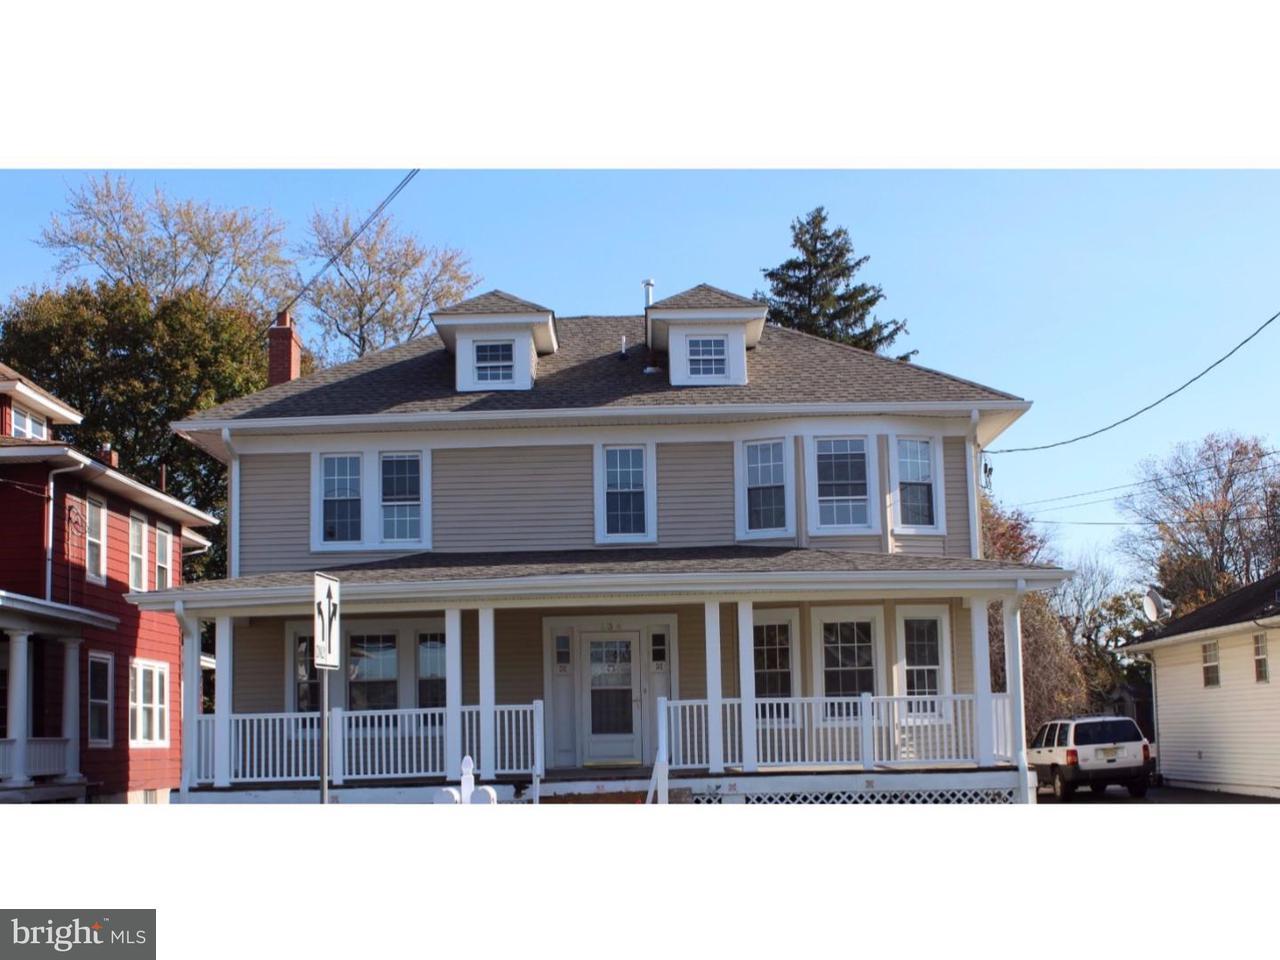 Casa Unifamiliar por un Alquiler en 134 KLOCKNER Road Hamilton, Nueva Jersey 08619 Estados UnidosEn/Alrededor: Hamilton Township